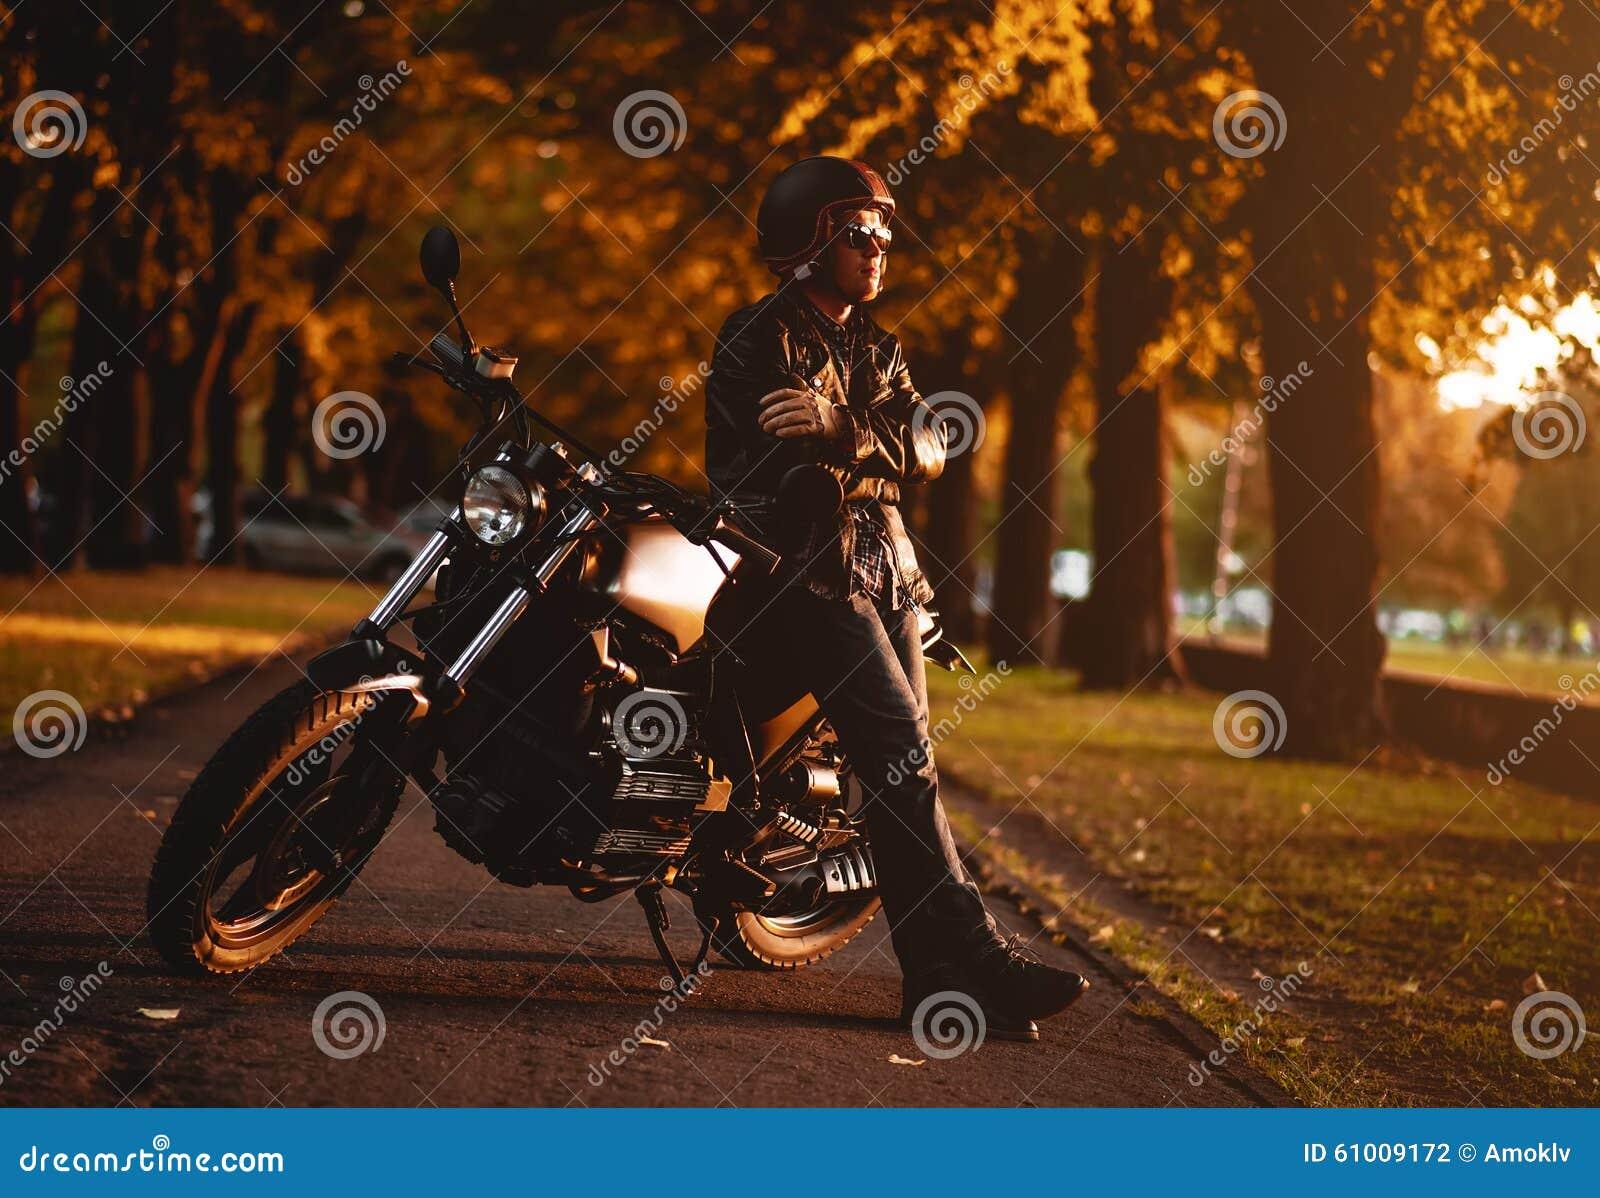 Motorrijder met een koffie-raceauto motorfiets